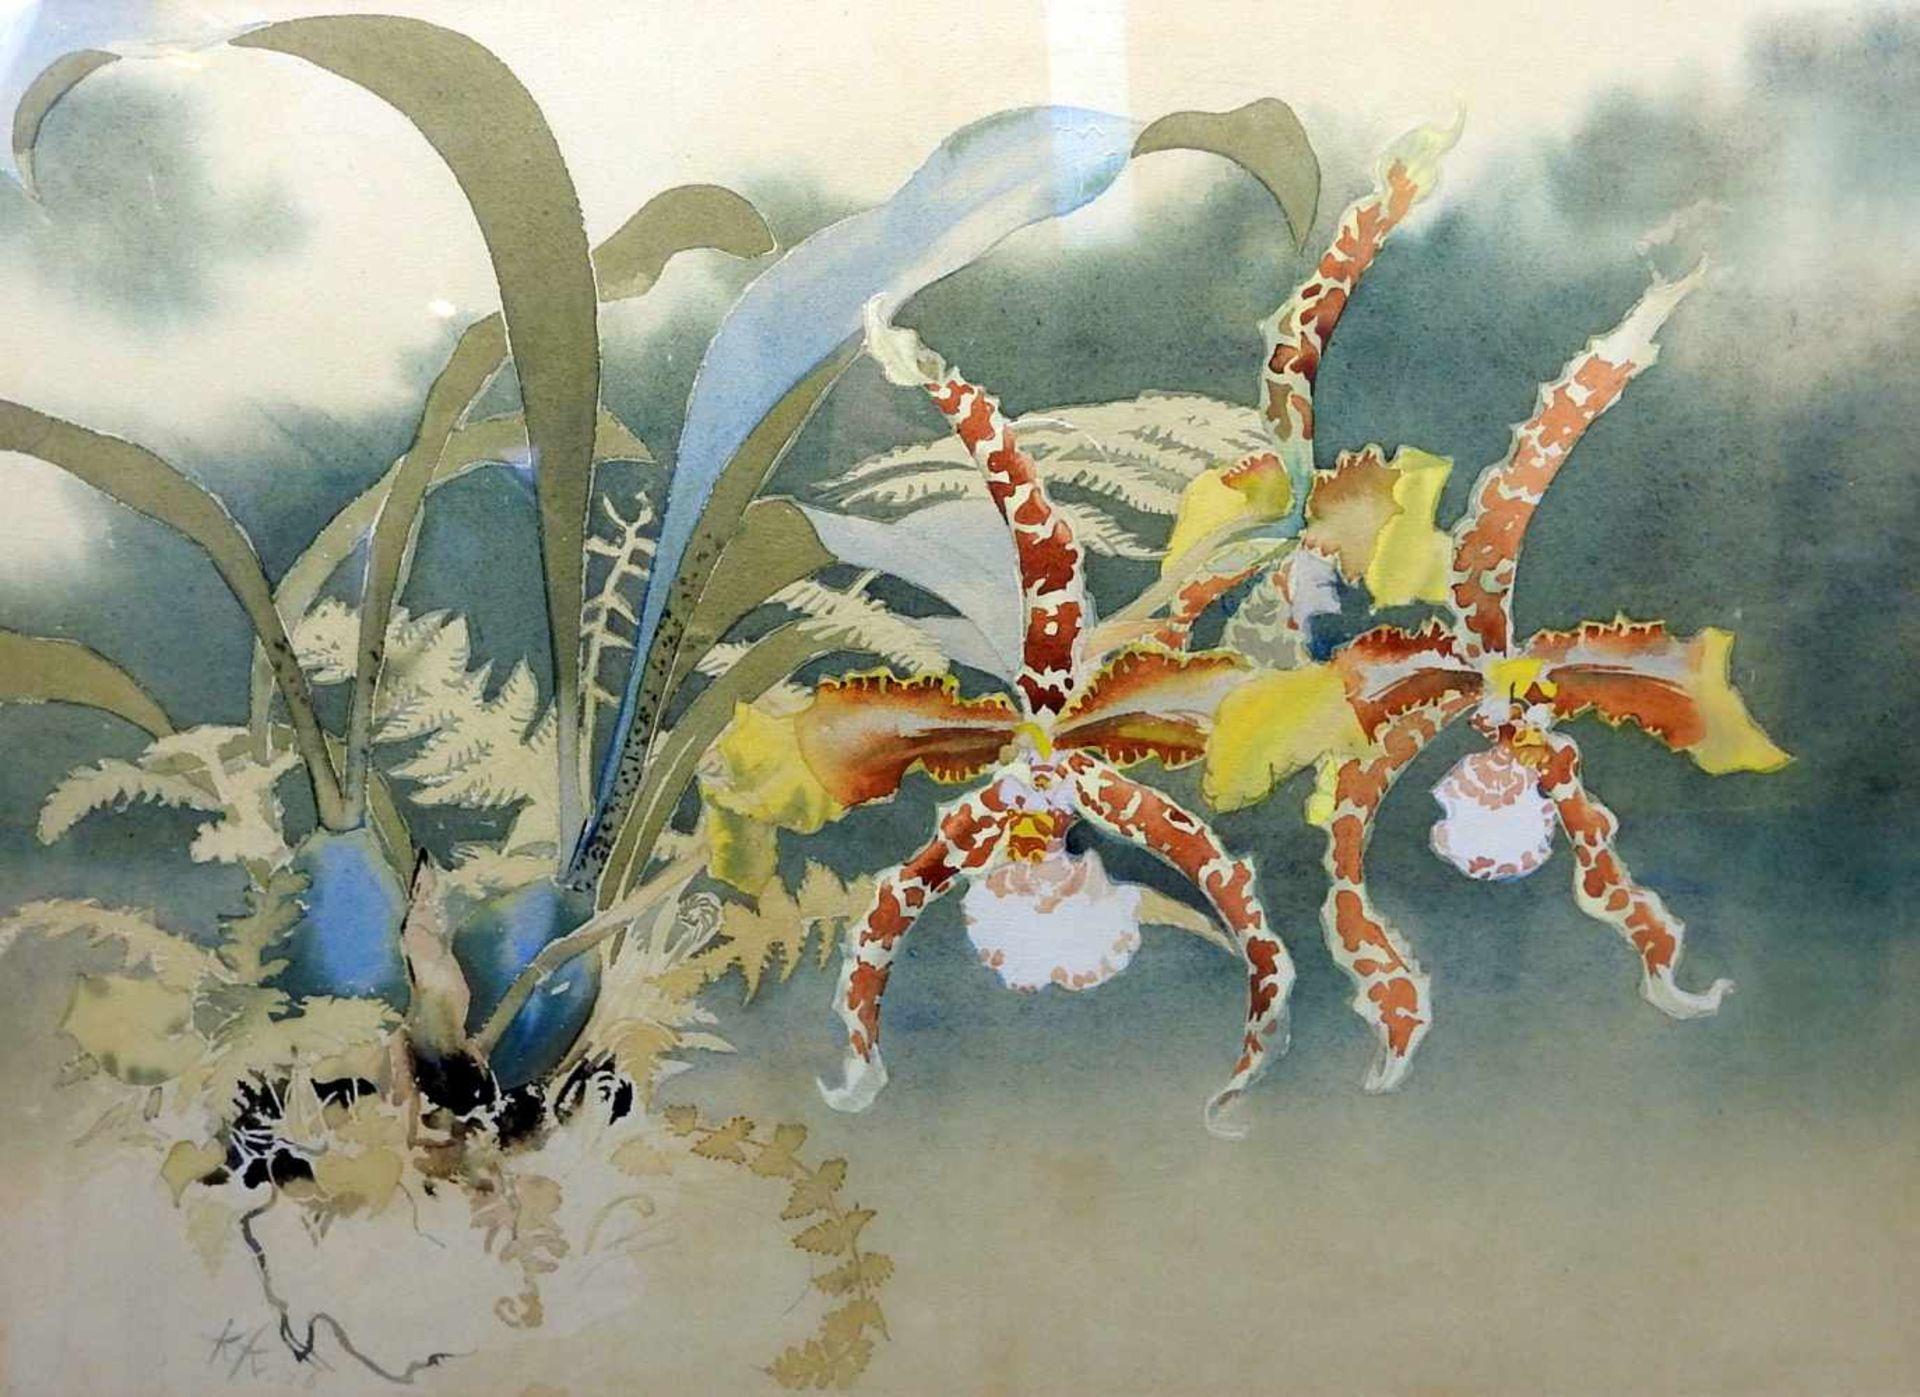 Wilde AmaryllisAquarell, Bleistift/Papier. Feines Aquarell mit Blüten, Farnen und Blumenzwiebeln.